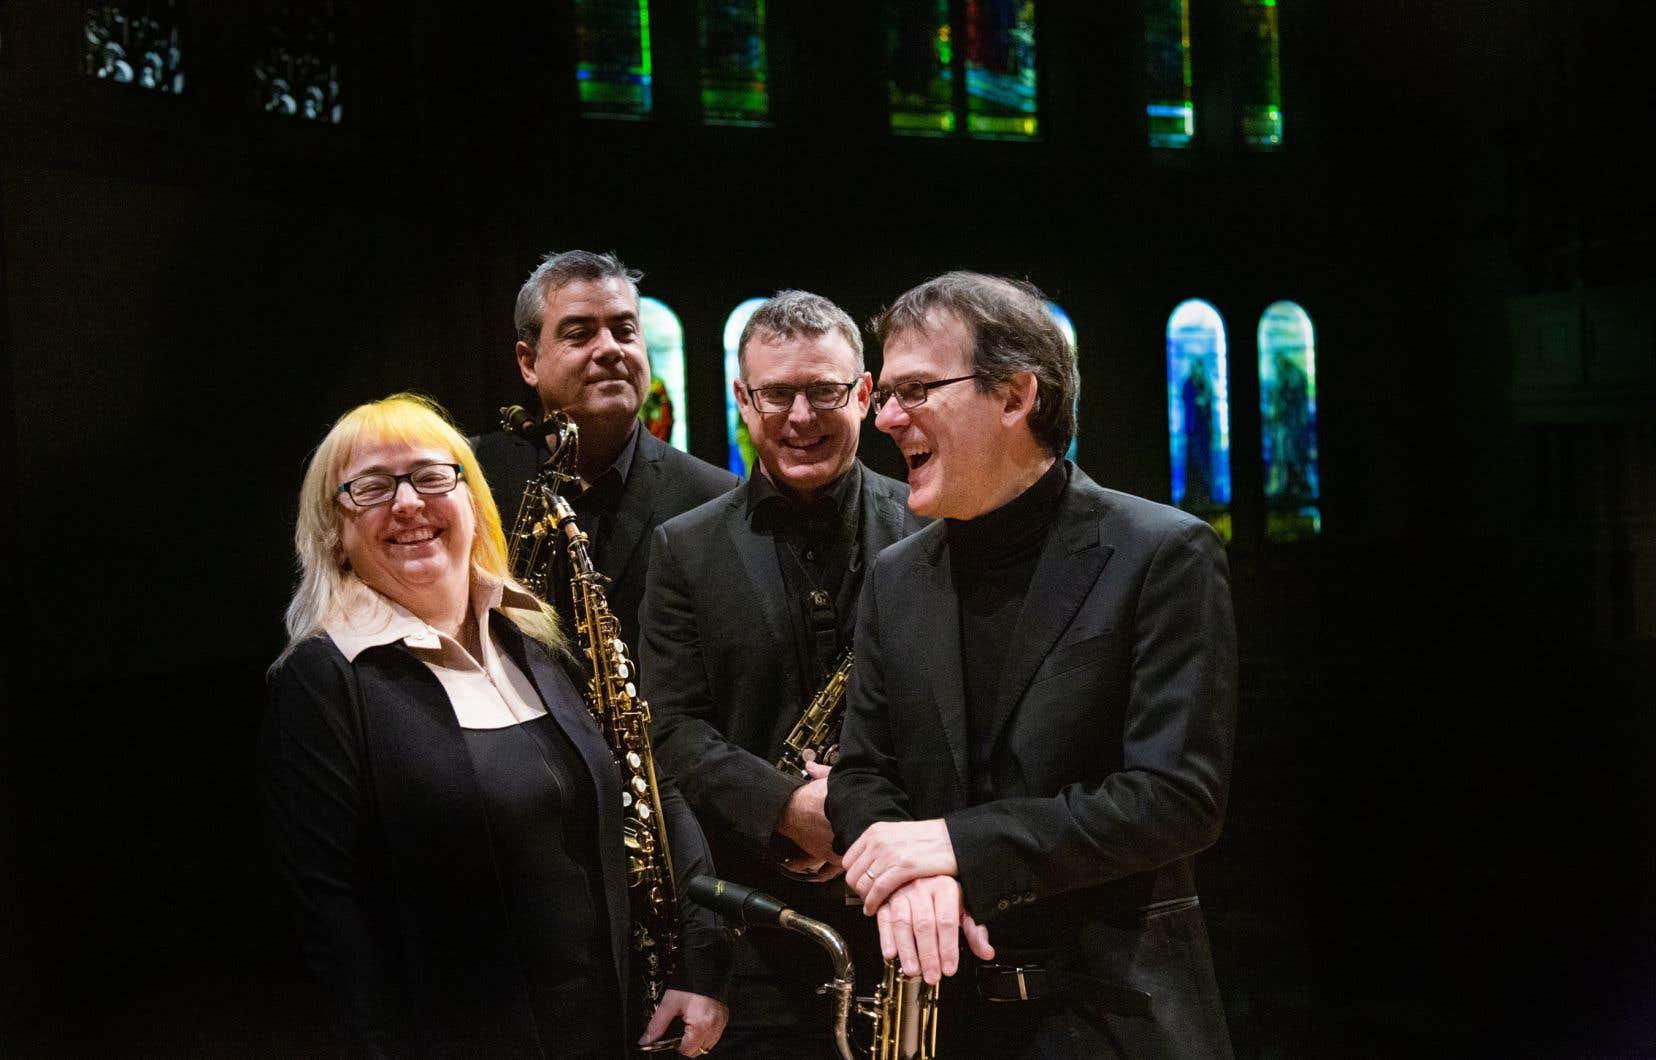 Après avoir fêté ses 25 ans en 2020, le Quatuor Quasar, honoré au Prix Opus, sera en concert à Montréal/Nouvelles Musiques le 26 février et au Vivier le 18 mars.